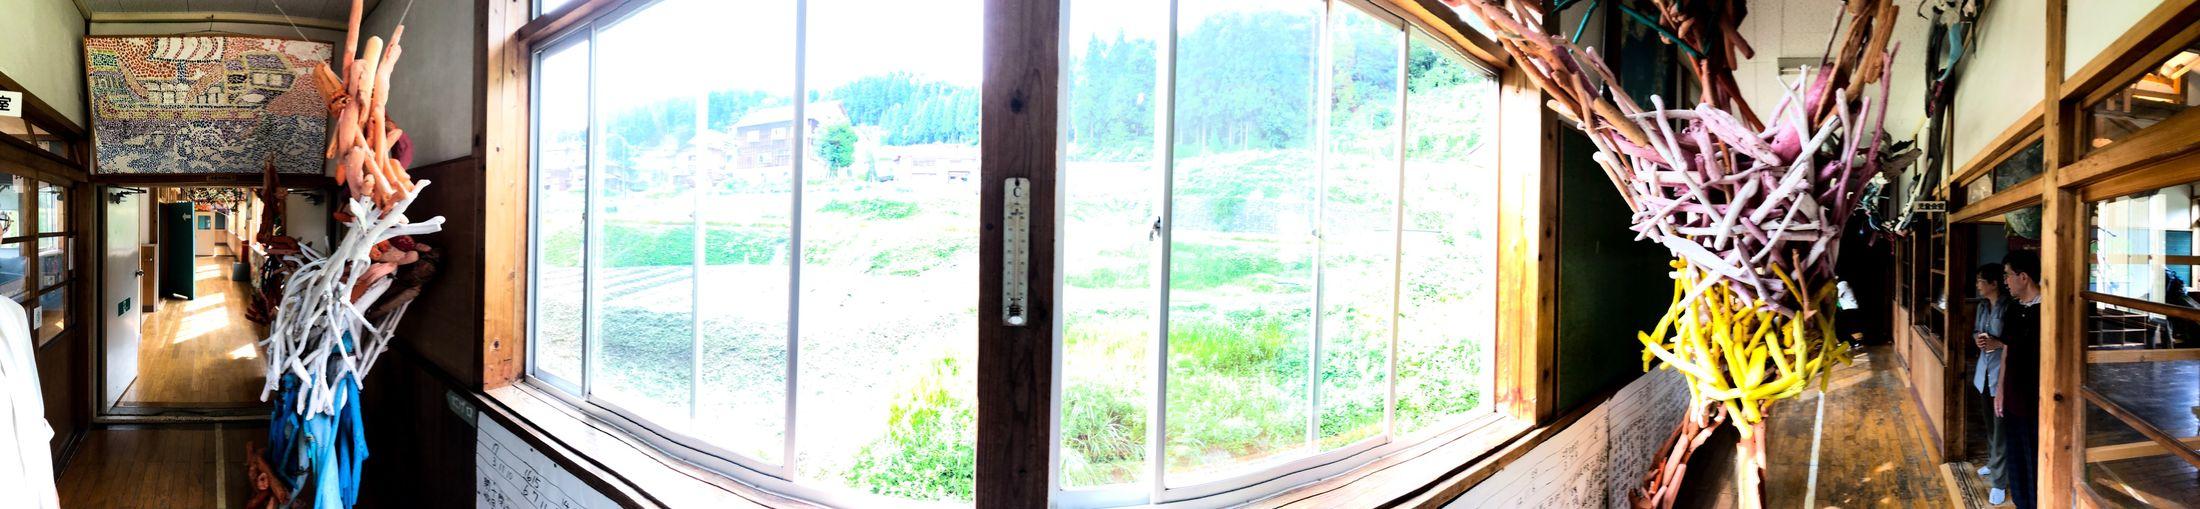 よく走り回った。 Corridor Wooden Floor Window Day Architecture Glass - Material No People Indoors  Nature Sunlight